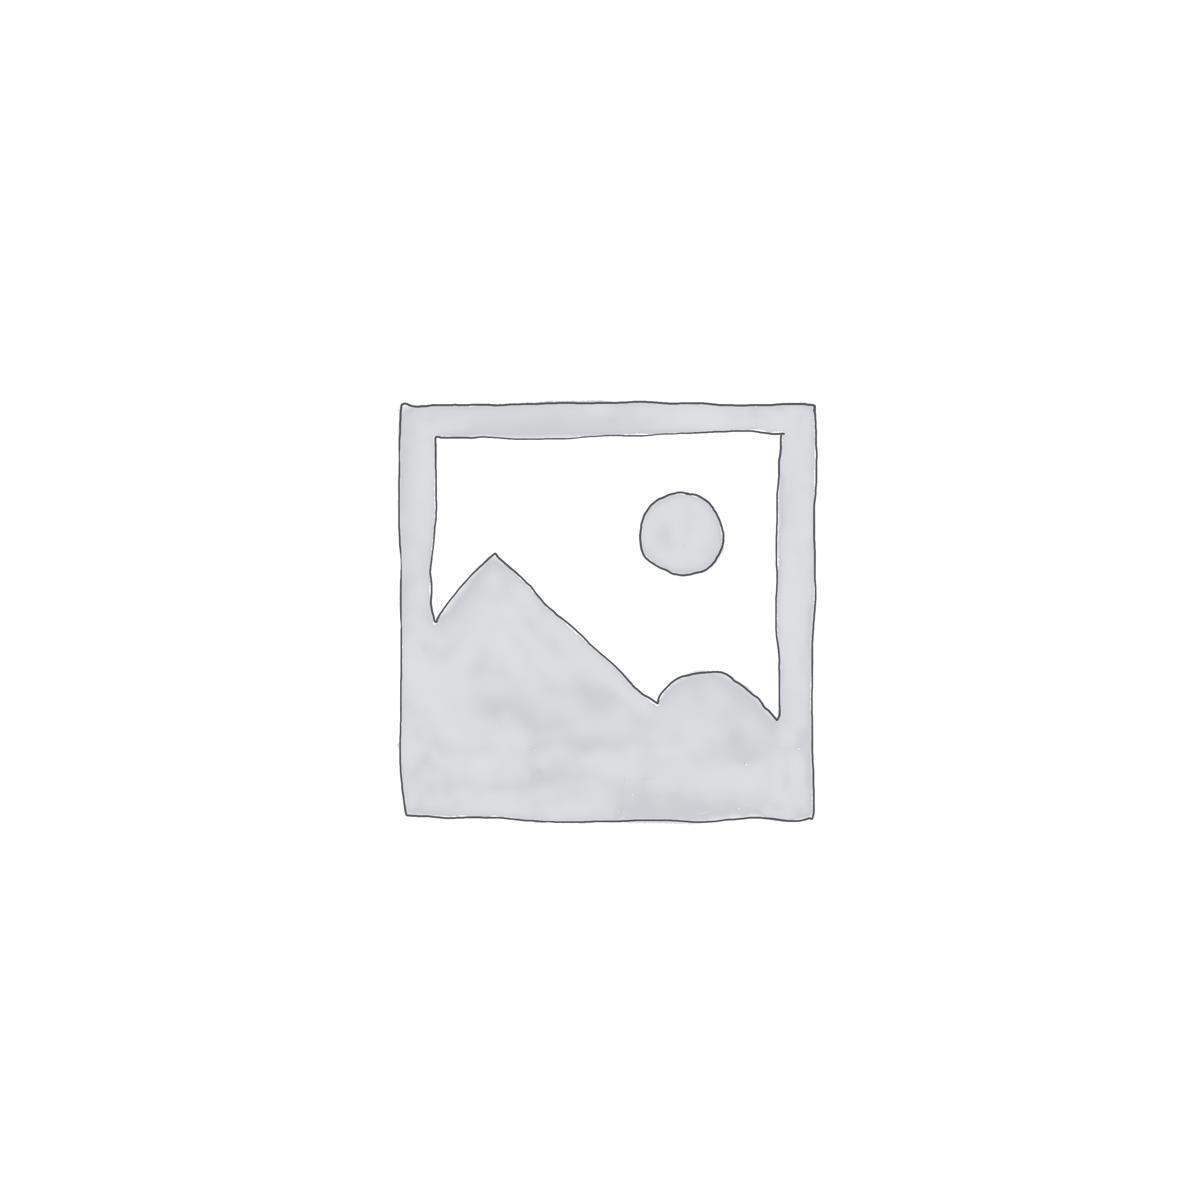 15 Series – 1.5 inch Aluminum Extrusions